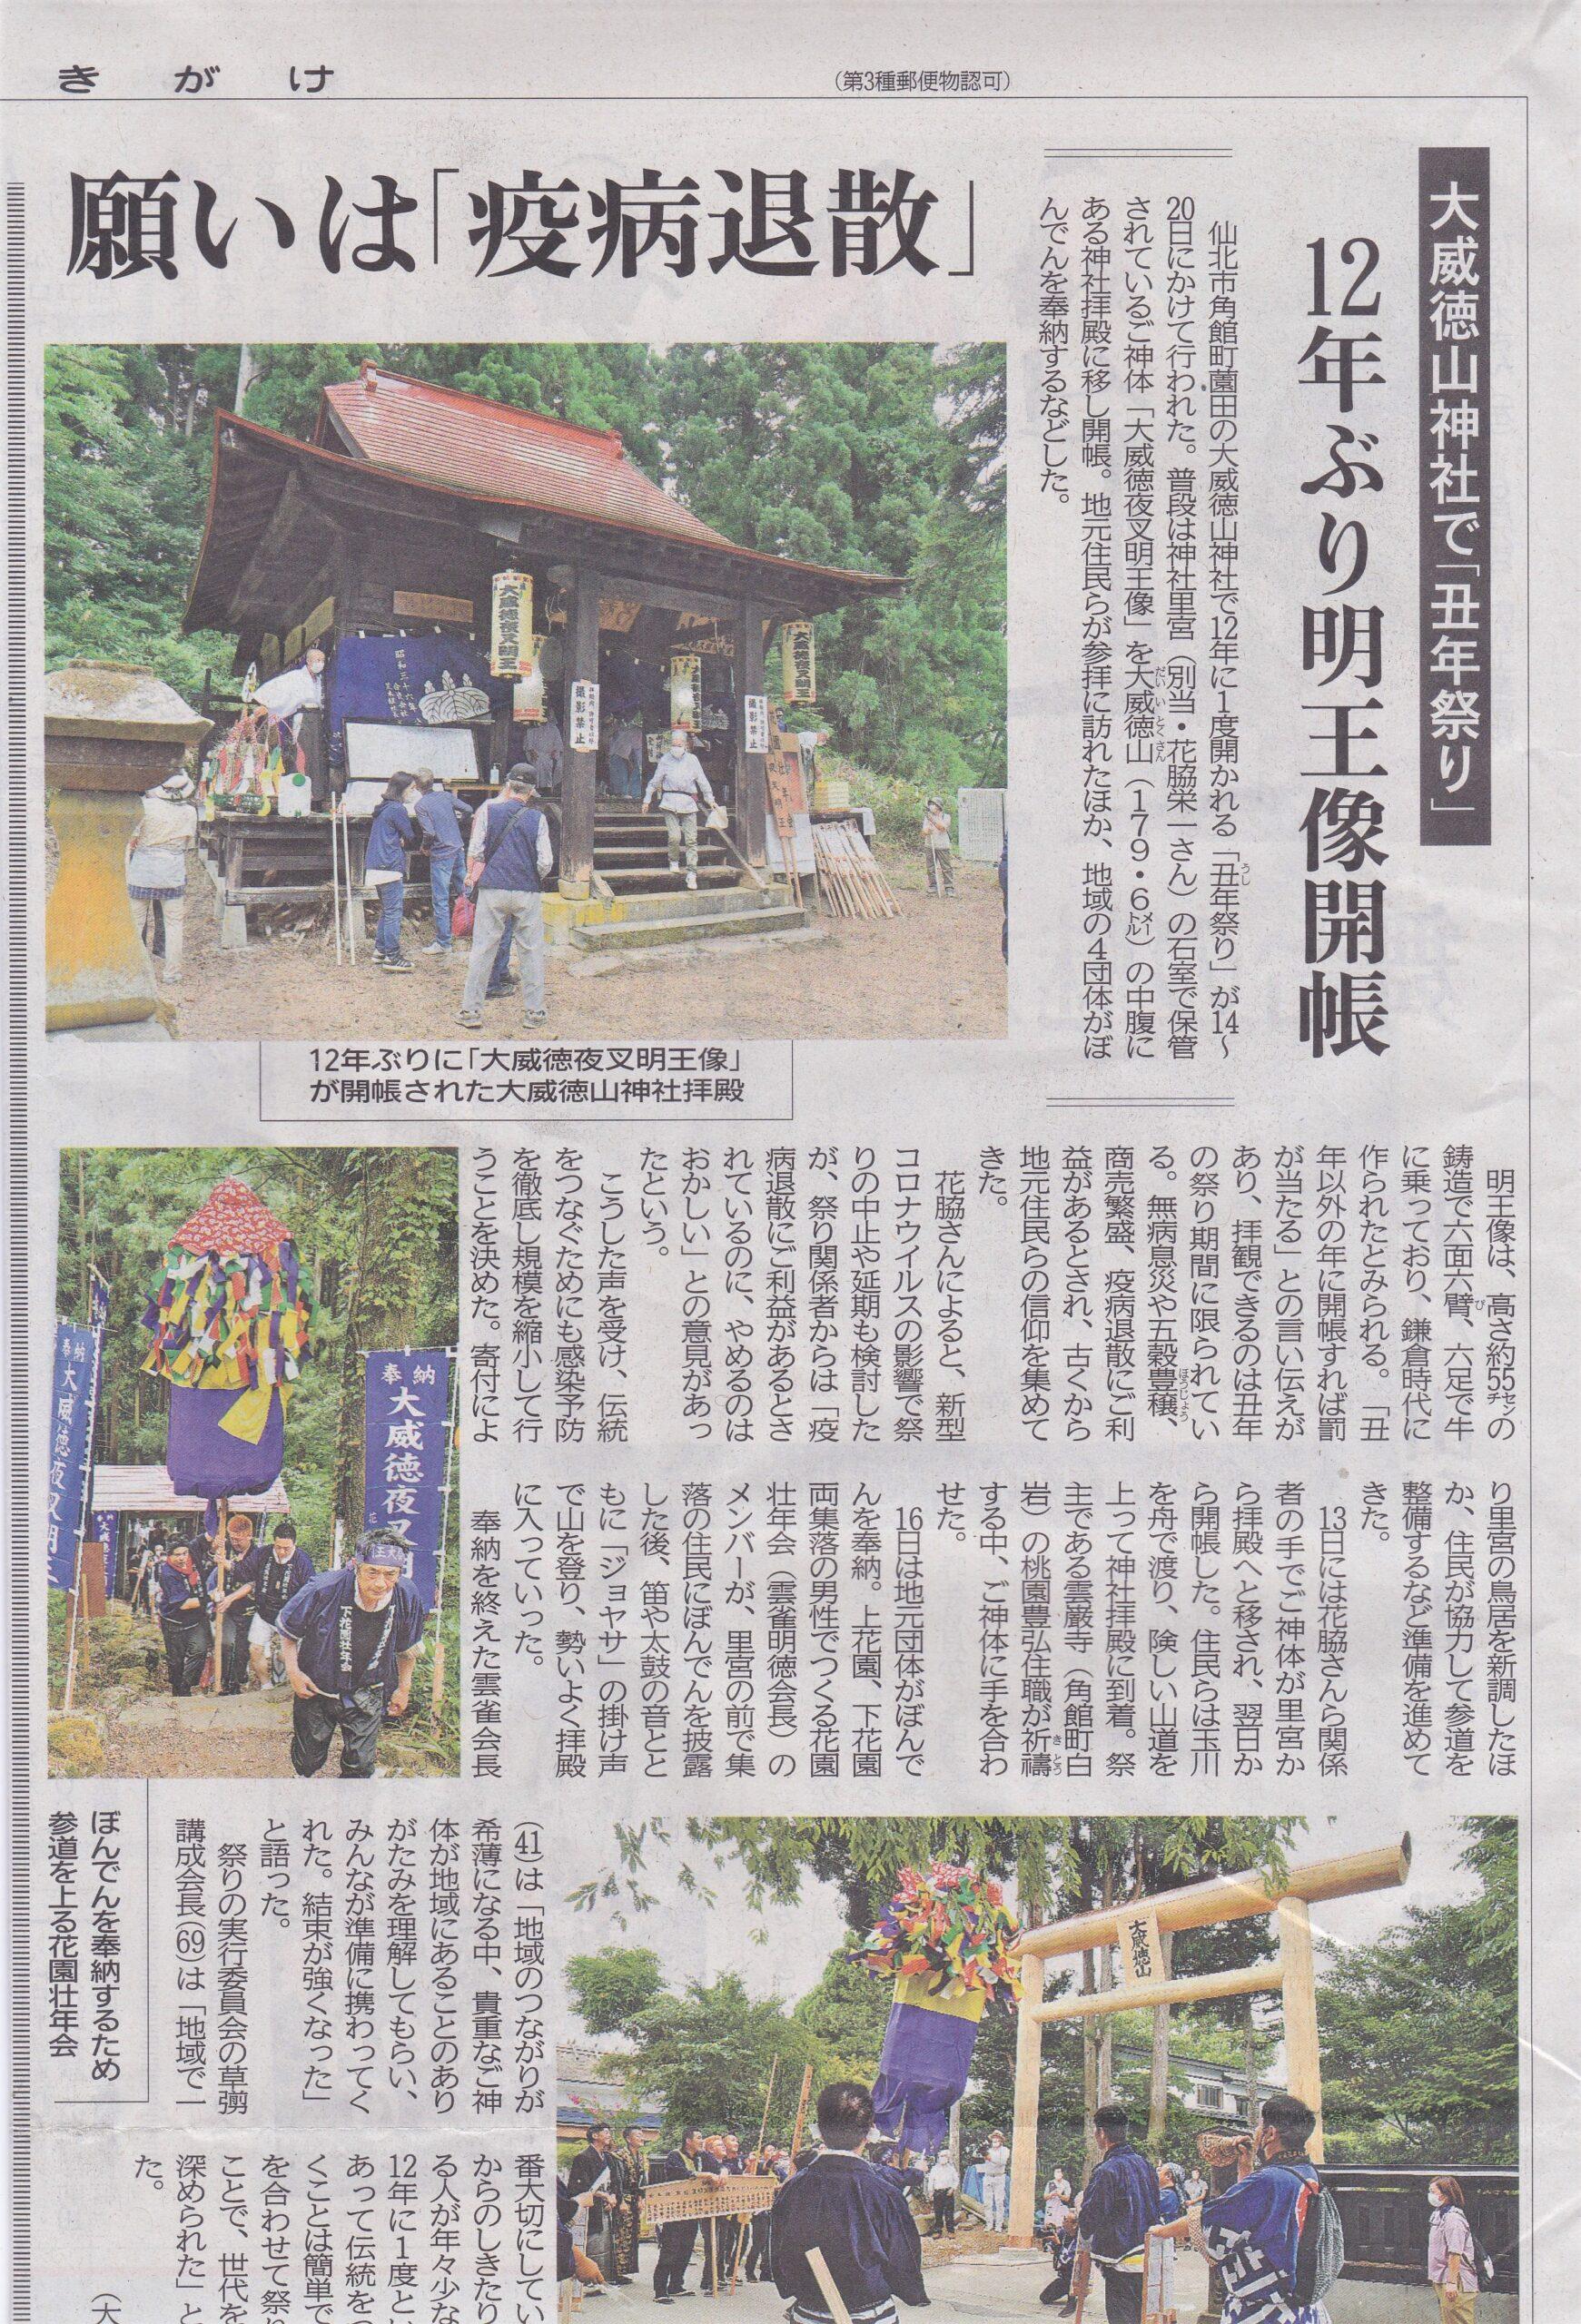 飯塚雅幸&藤間知枝が12年に一度の「大威徳山神社・丑年祭り」にお参りを致しました。